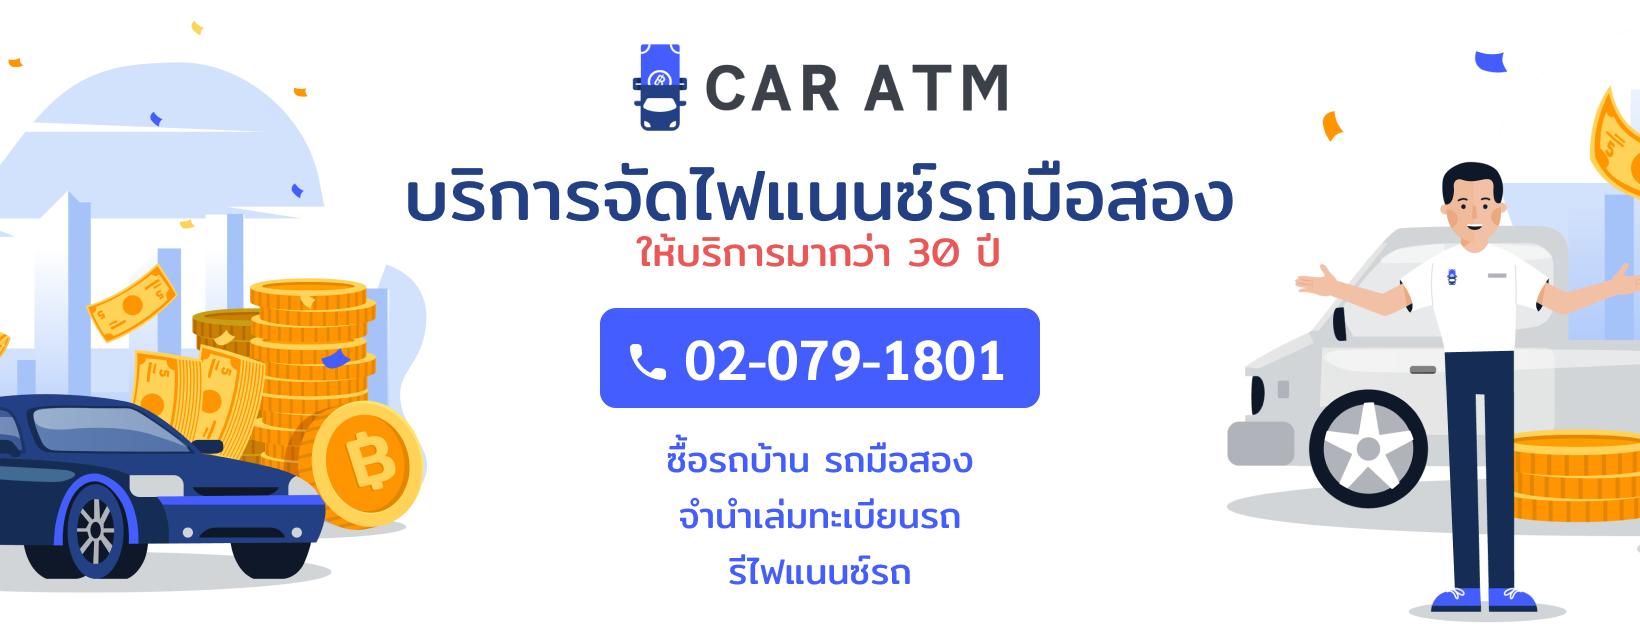 CAR ATM รับจํานําทะเบียนรถ